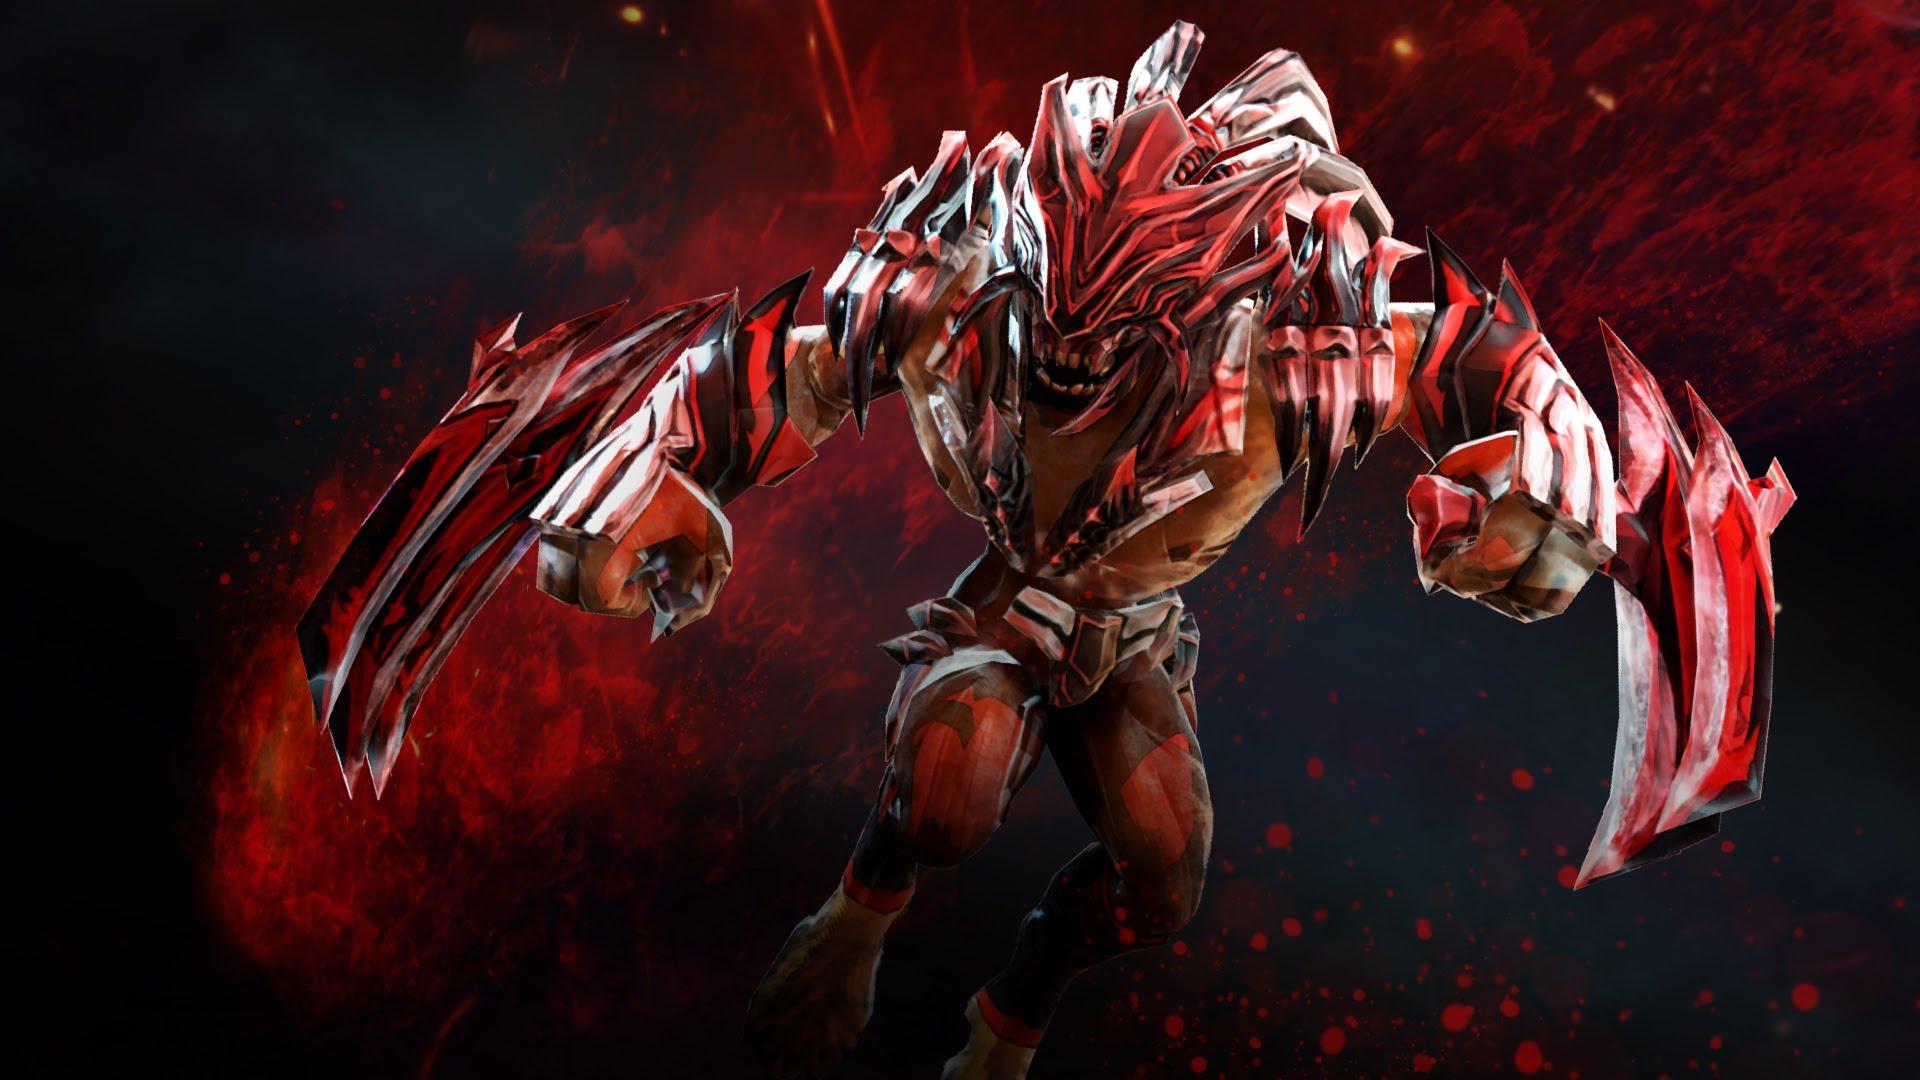 Dota2 : Bloodseeker HQ wallpapers